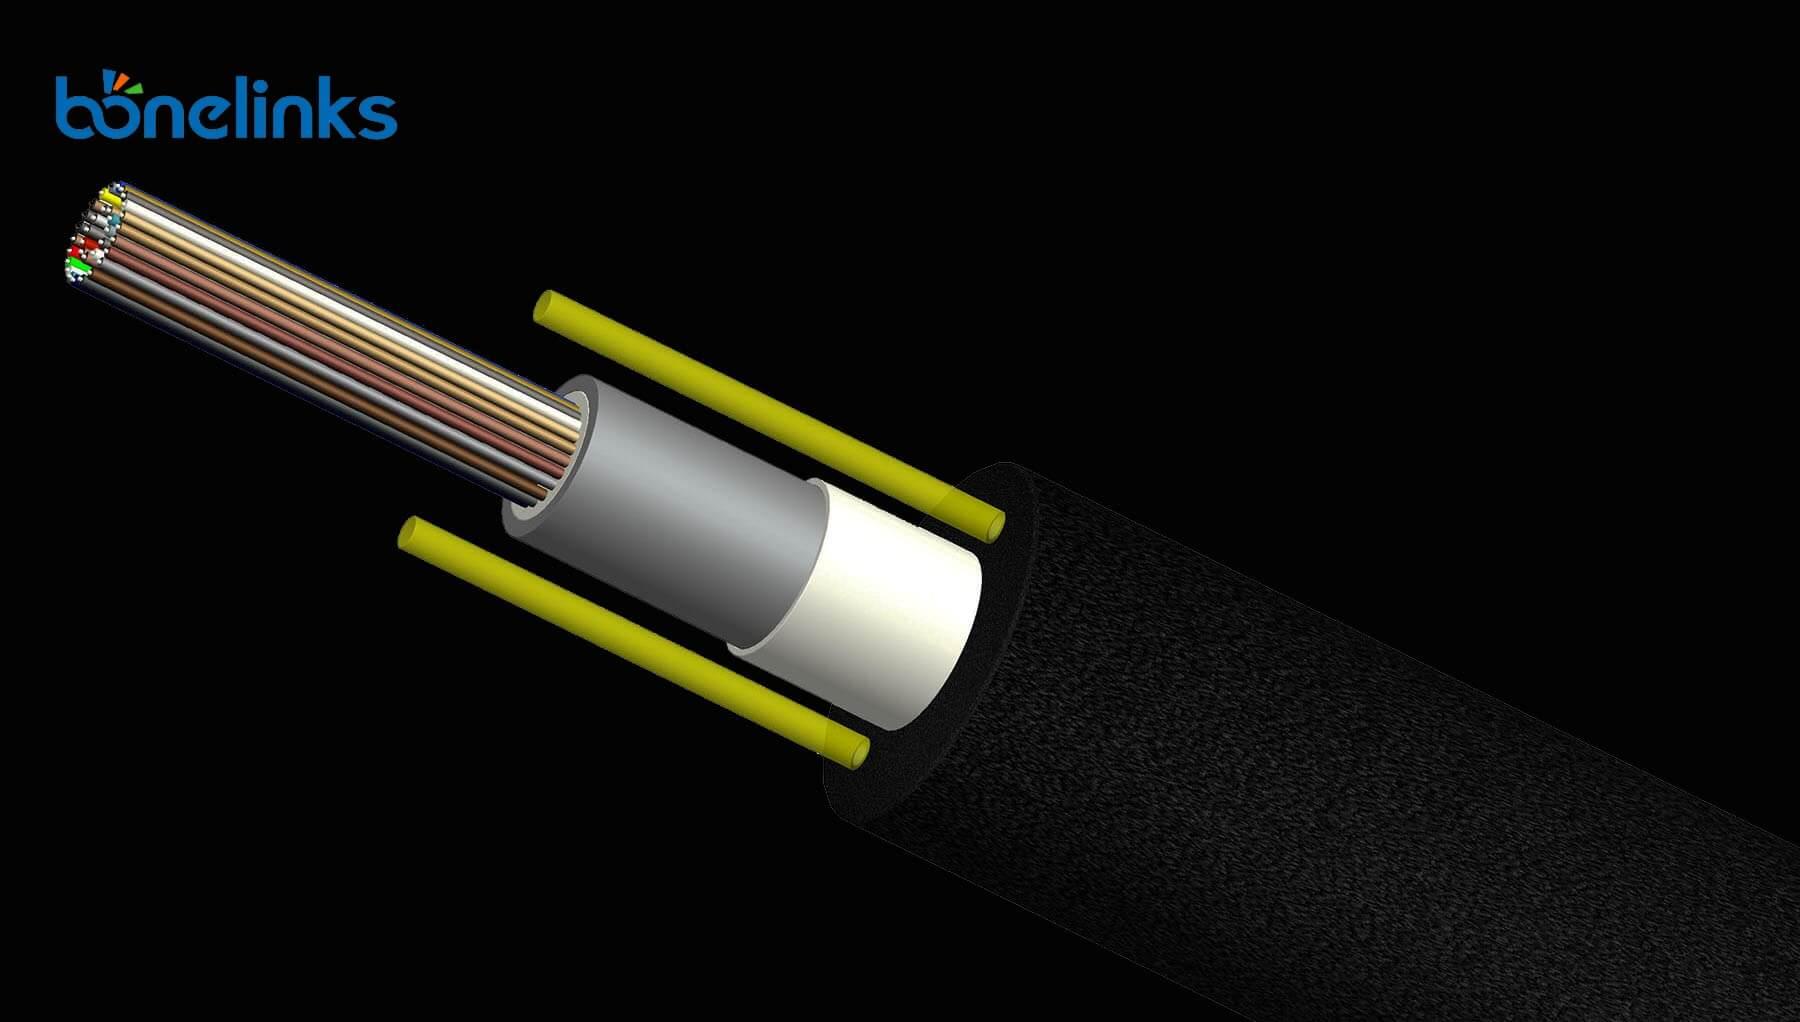 GYFXY BWFR4404 - All Dieletric Central Tube Fiber Optics Cable GYFXY BW-O756